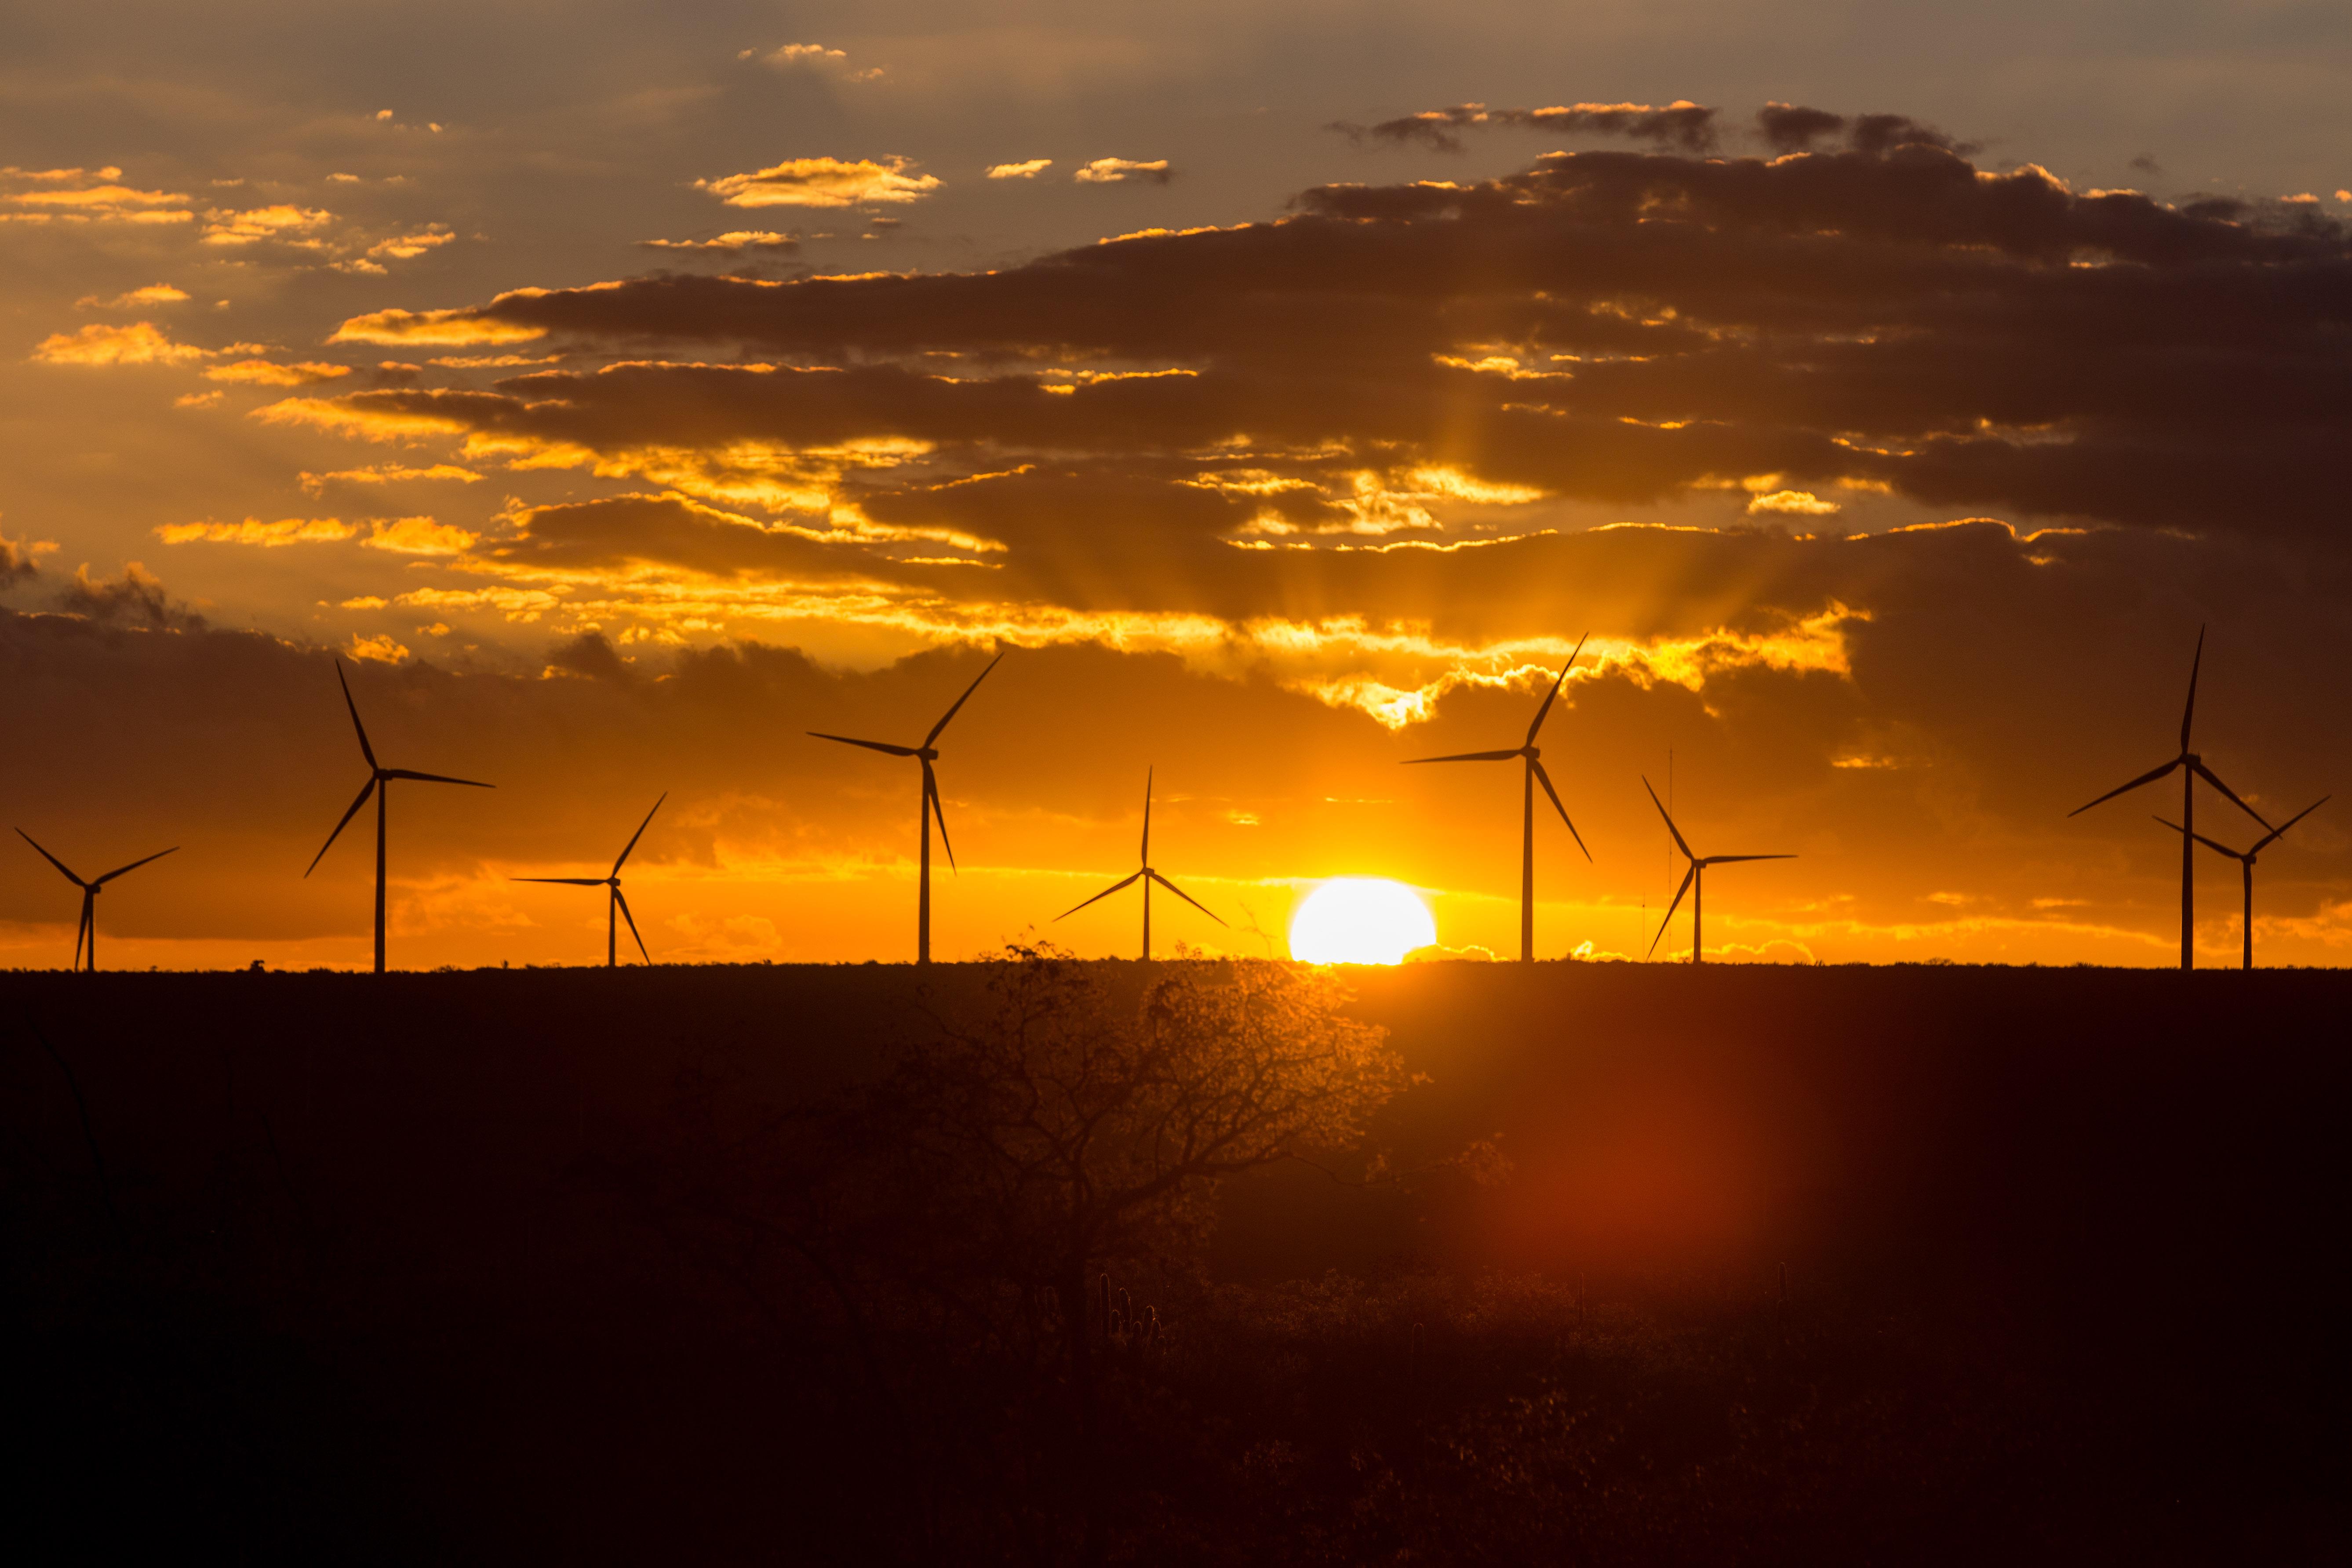 Parques eólicos conquistam certificação REC Brazil